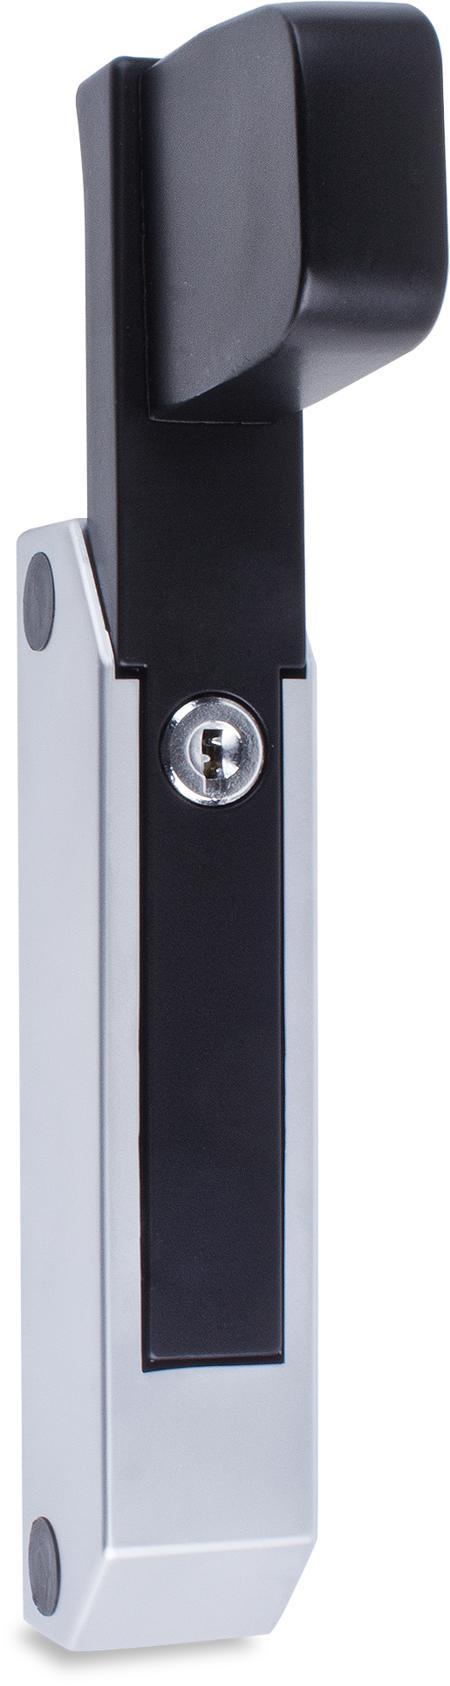 Schubladenverschluss Zink-Druckguss, EPS beschichtet schwarz RAL 9005, Kappe Kunststoff, matt verchromt, mit Zylinder, mit 2 Schlüsseln, verschiedenschließend, seitliche Montage, Höhe Halterung 29 mm, Griff verlängert